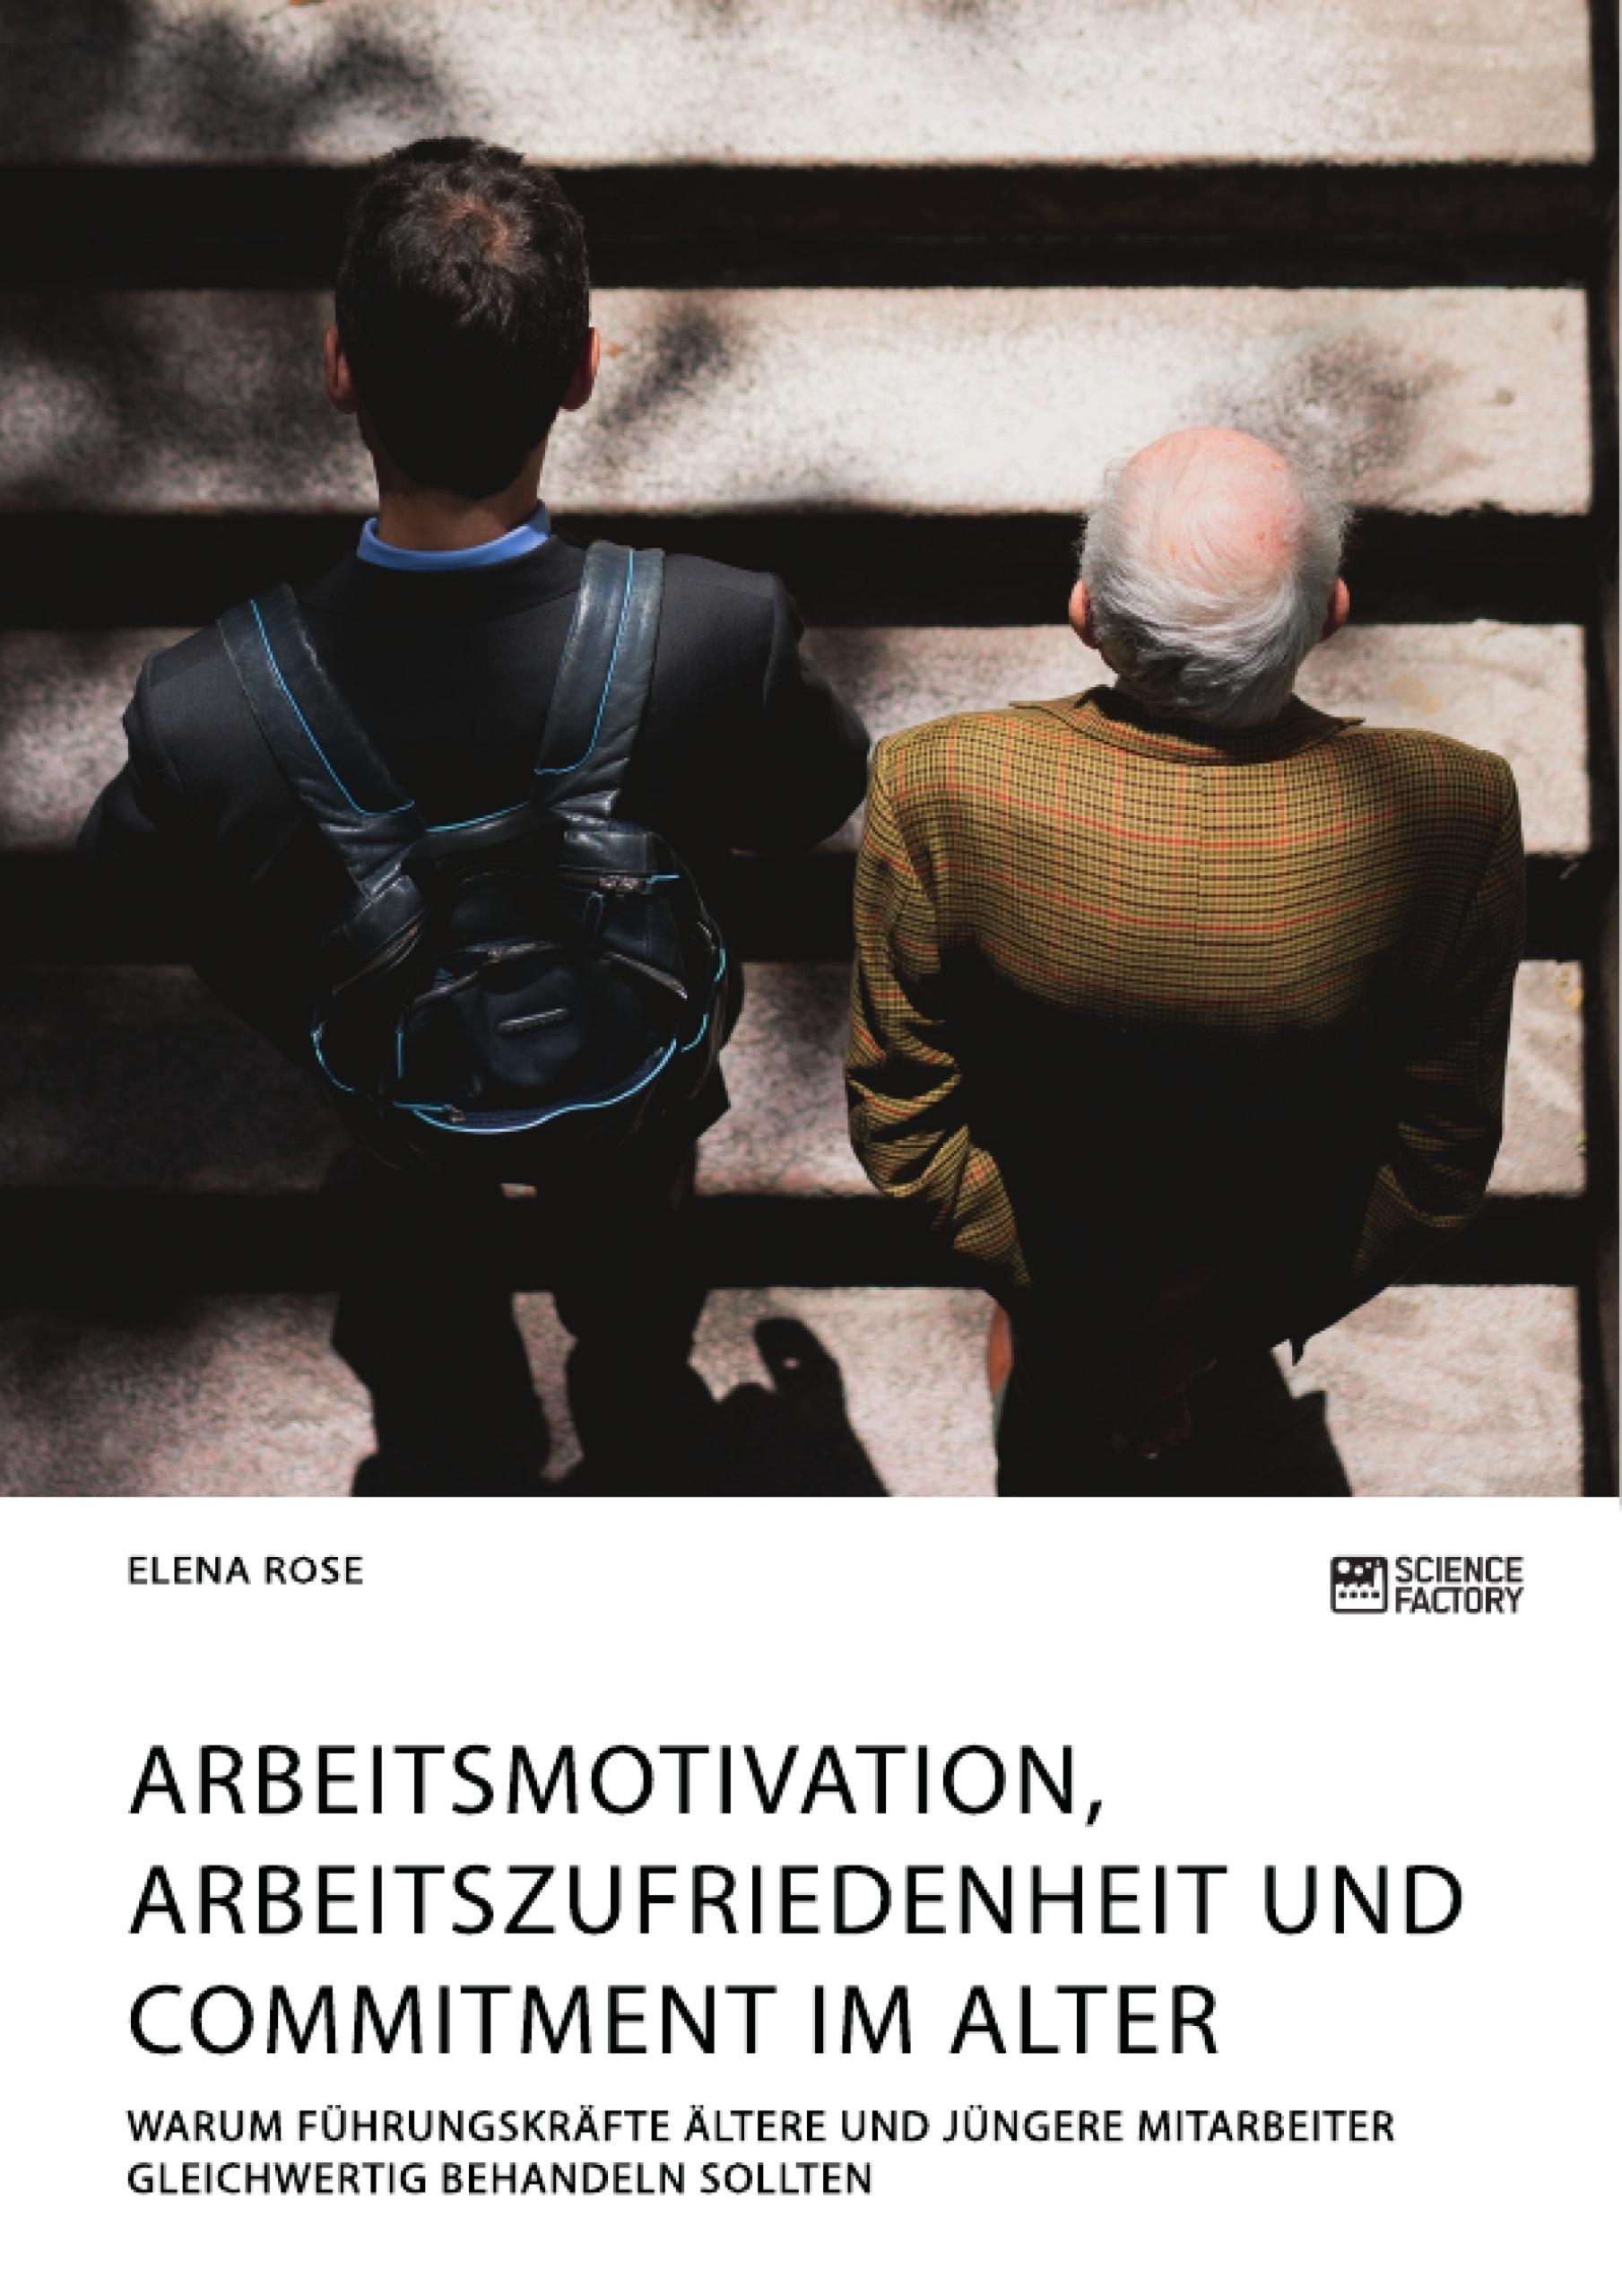 Titel: Arbeitsmotivation, Arbeitszufriedenheit und Commitment im Alter. Warum Führungskräfte ältere und jüngere Mitarbeiter gleichwertig behandeln sollten